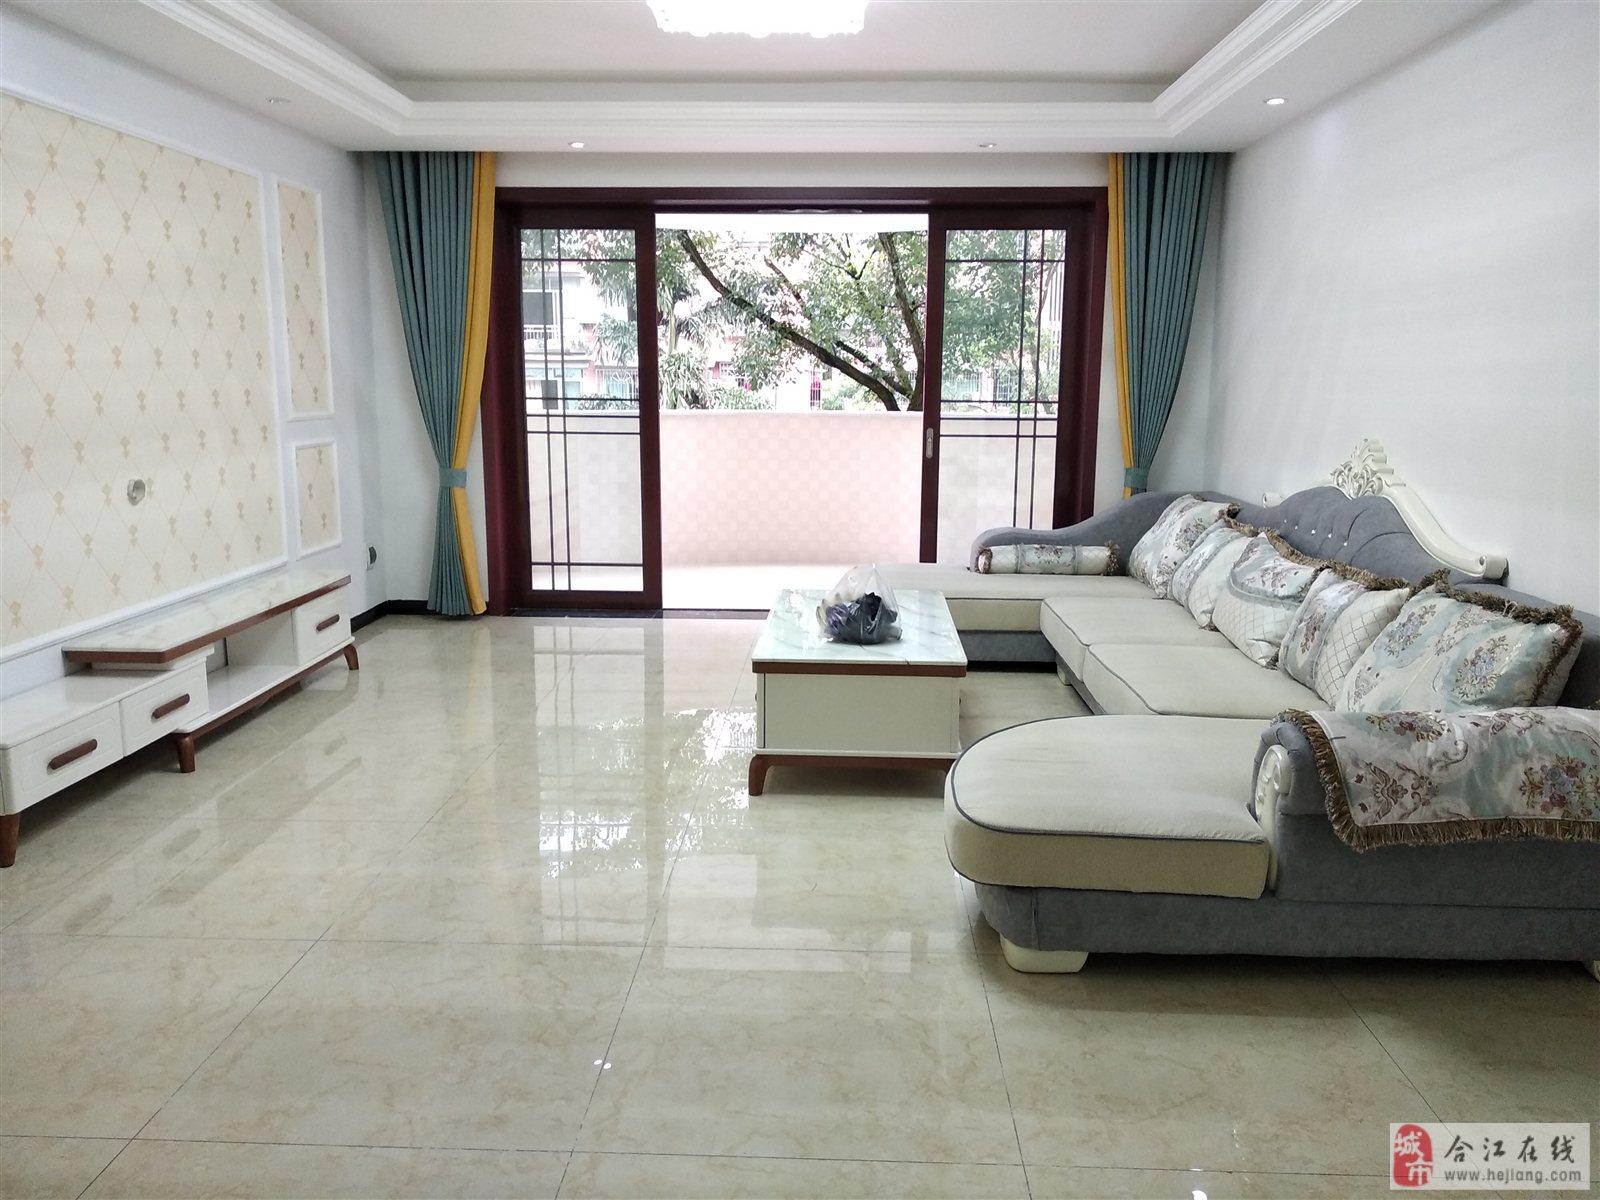 吉运山庄5室 2厅 2卫63.8万元